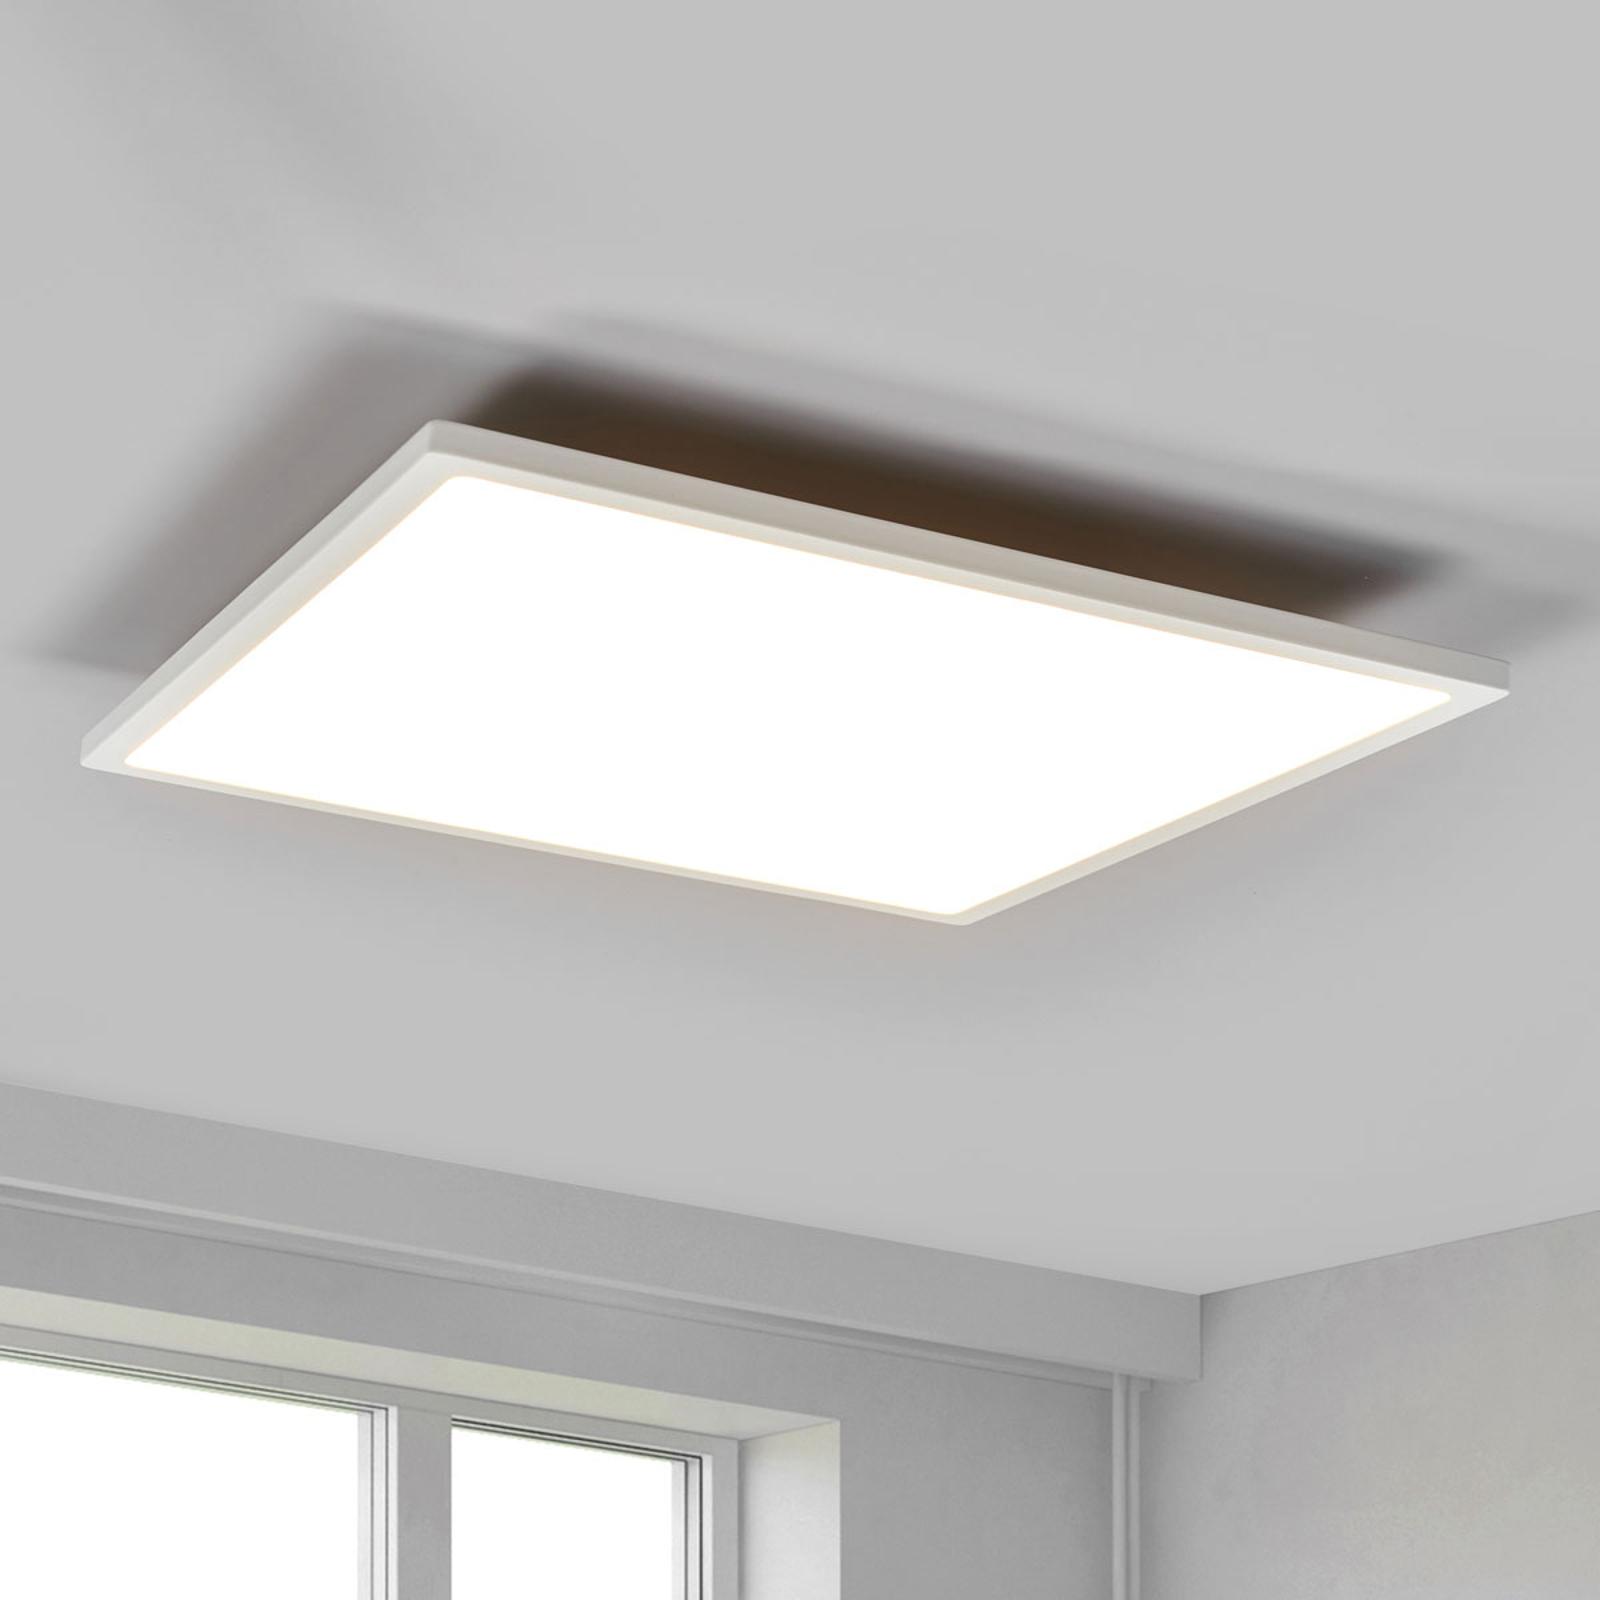 Med EasyDim-funktion - LED-taklampan Ceres, vit